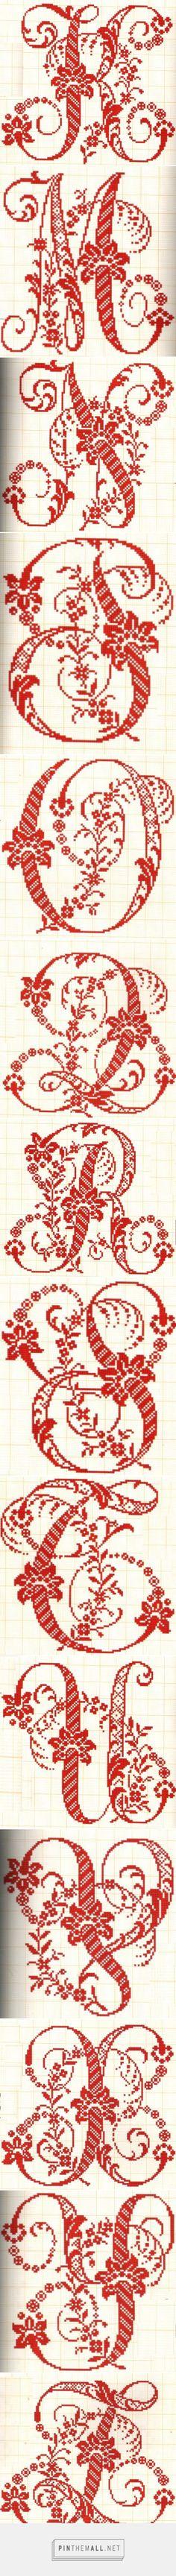 Rabarbarum: alfabet 2 ^ parte ... - pogrupowanych zdjęć obrazka - Pin je wszystkie